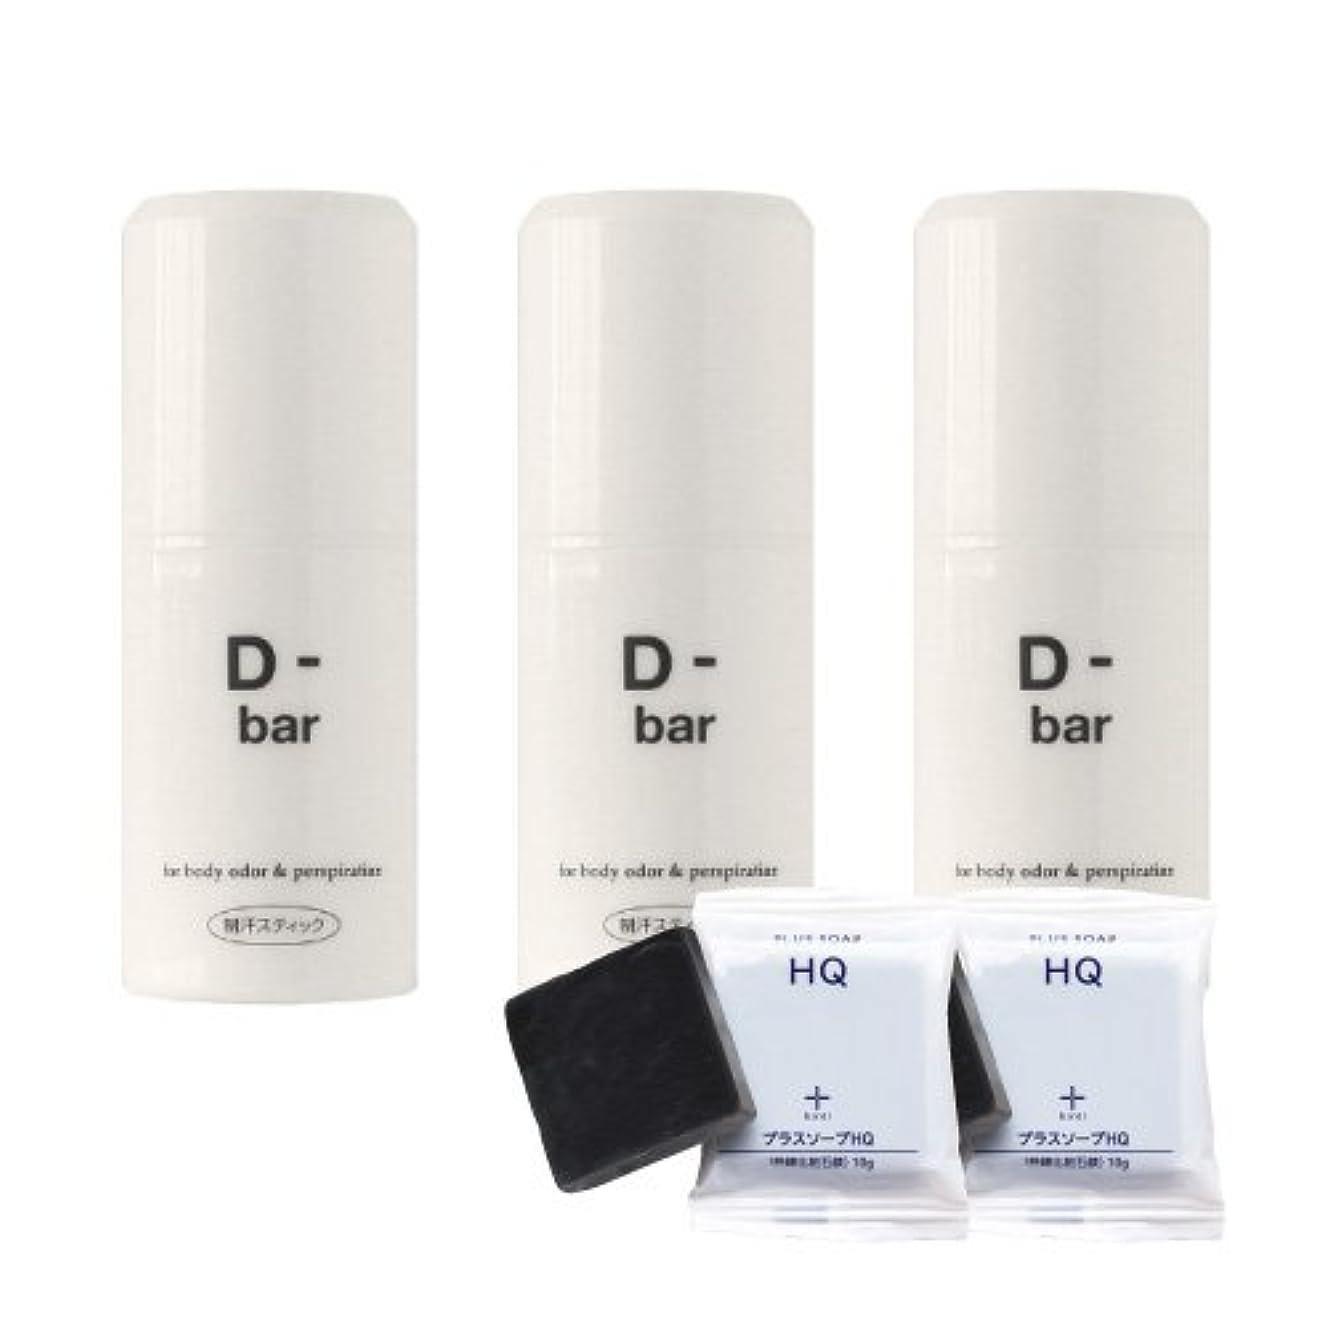 美容師ファンタジーリフレッシュD-bar(ディーバー) 15g 3本 + プラスソープHQミニ 2個